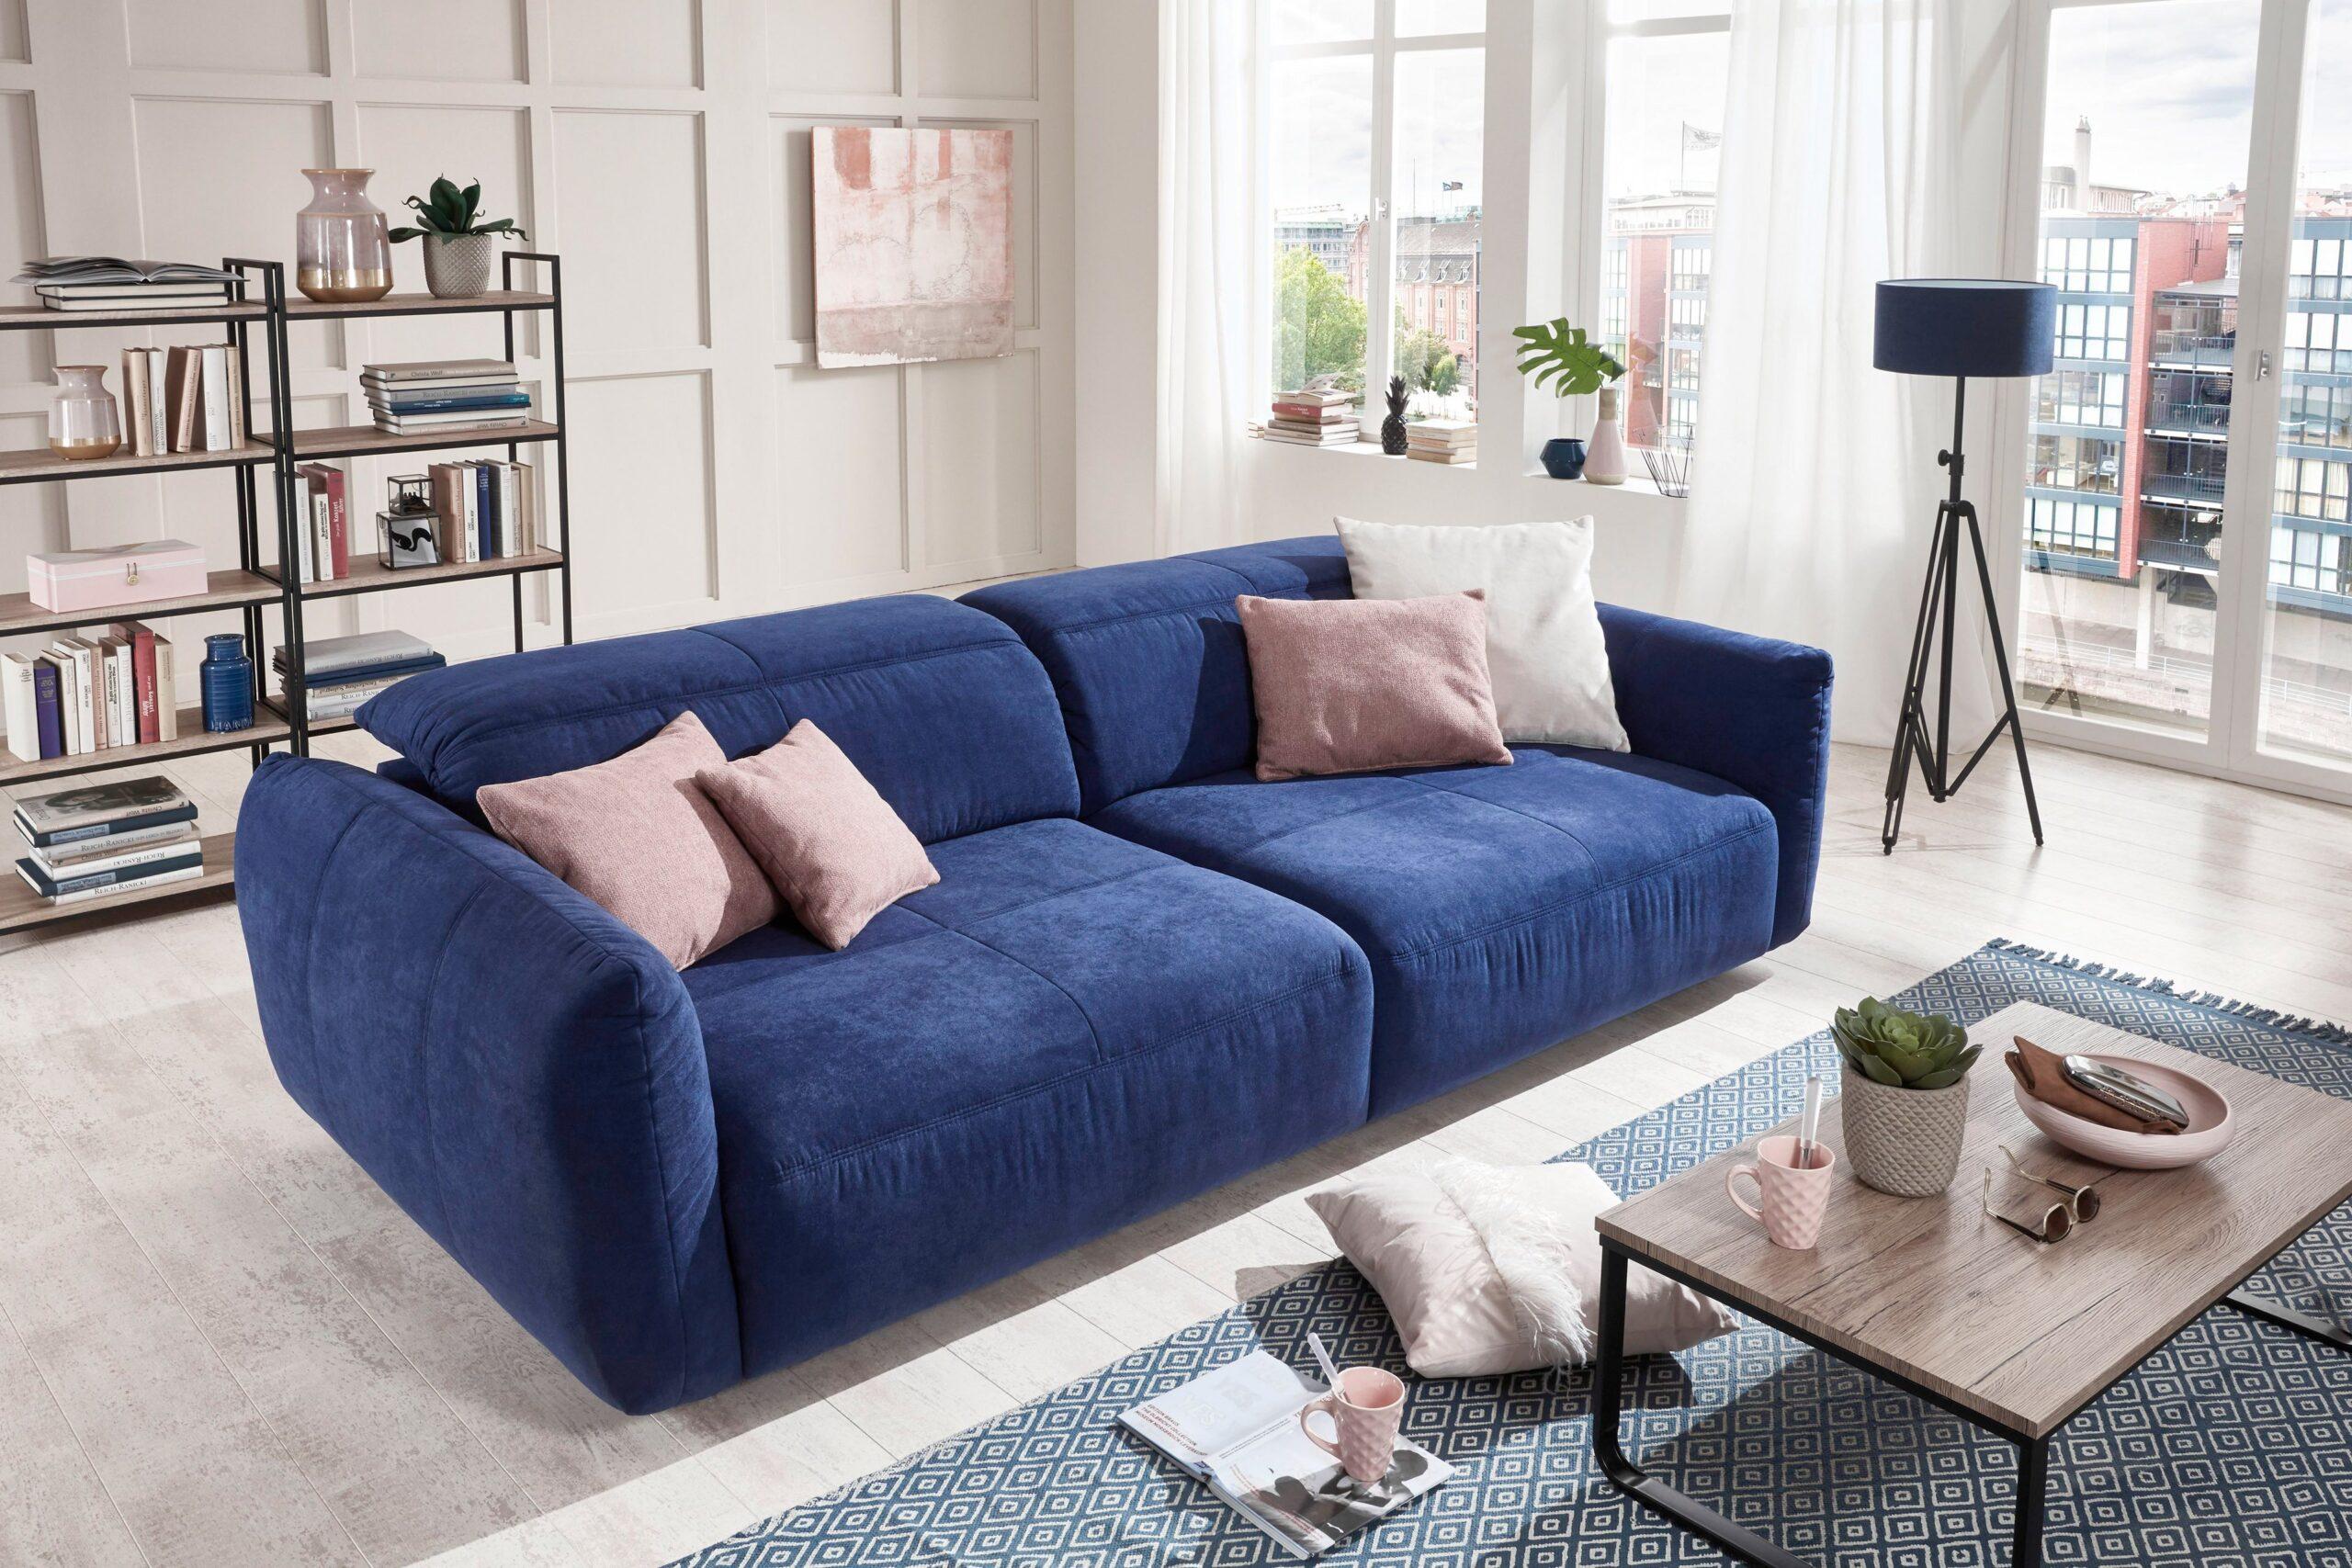 Full Size of Kinderbett Poco Polstermbel Prato Big Sofa In Blau Mbel Letz Ihr Online Küche Schlafzimmer Komplett Bett 140x200 Betten Wohnzimmer Kinderbett Poco